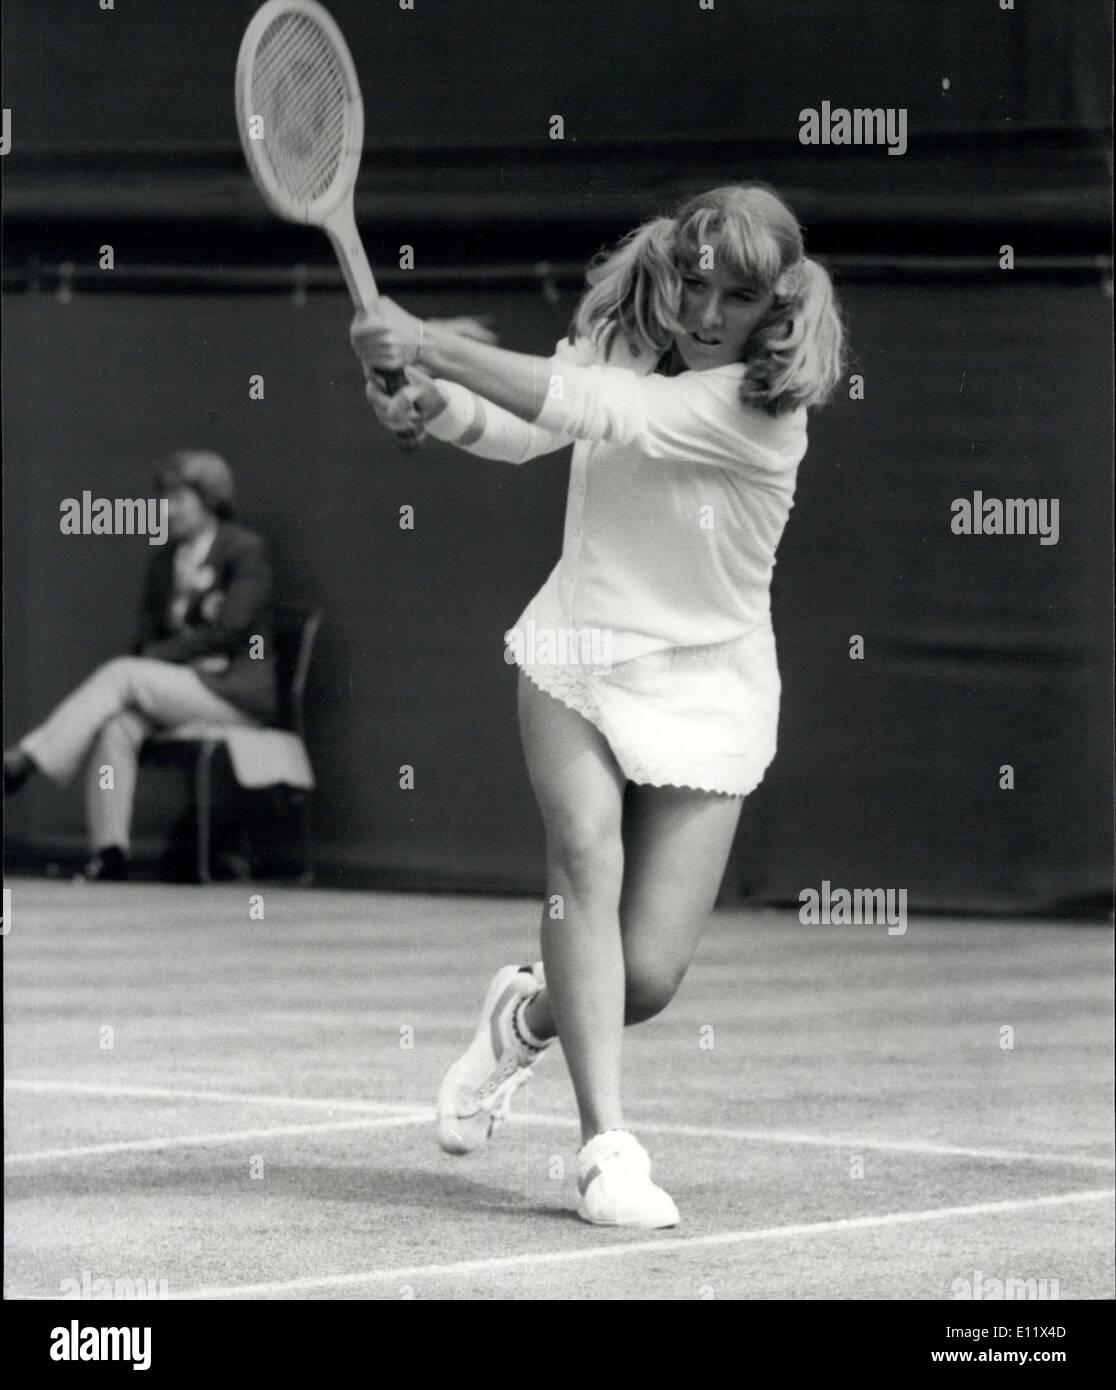 Jun 24 1980 Wimbledon Tennis Tracy Austin V A Moulton